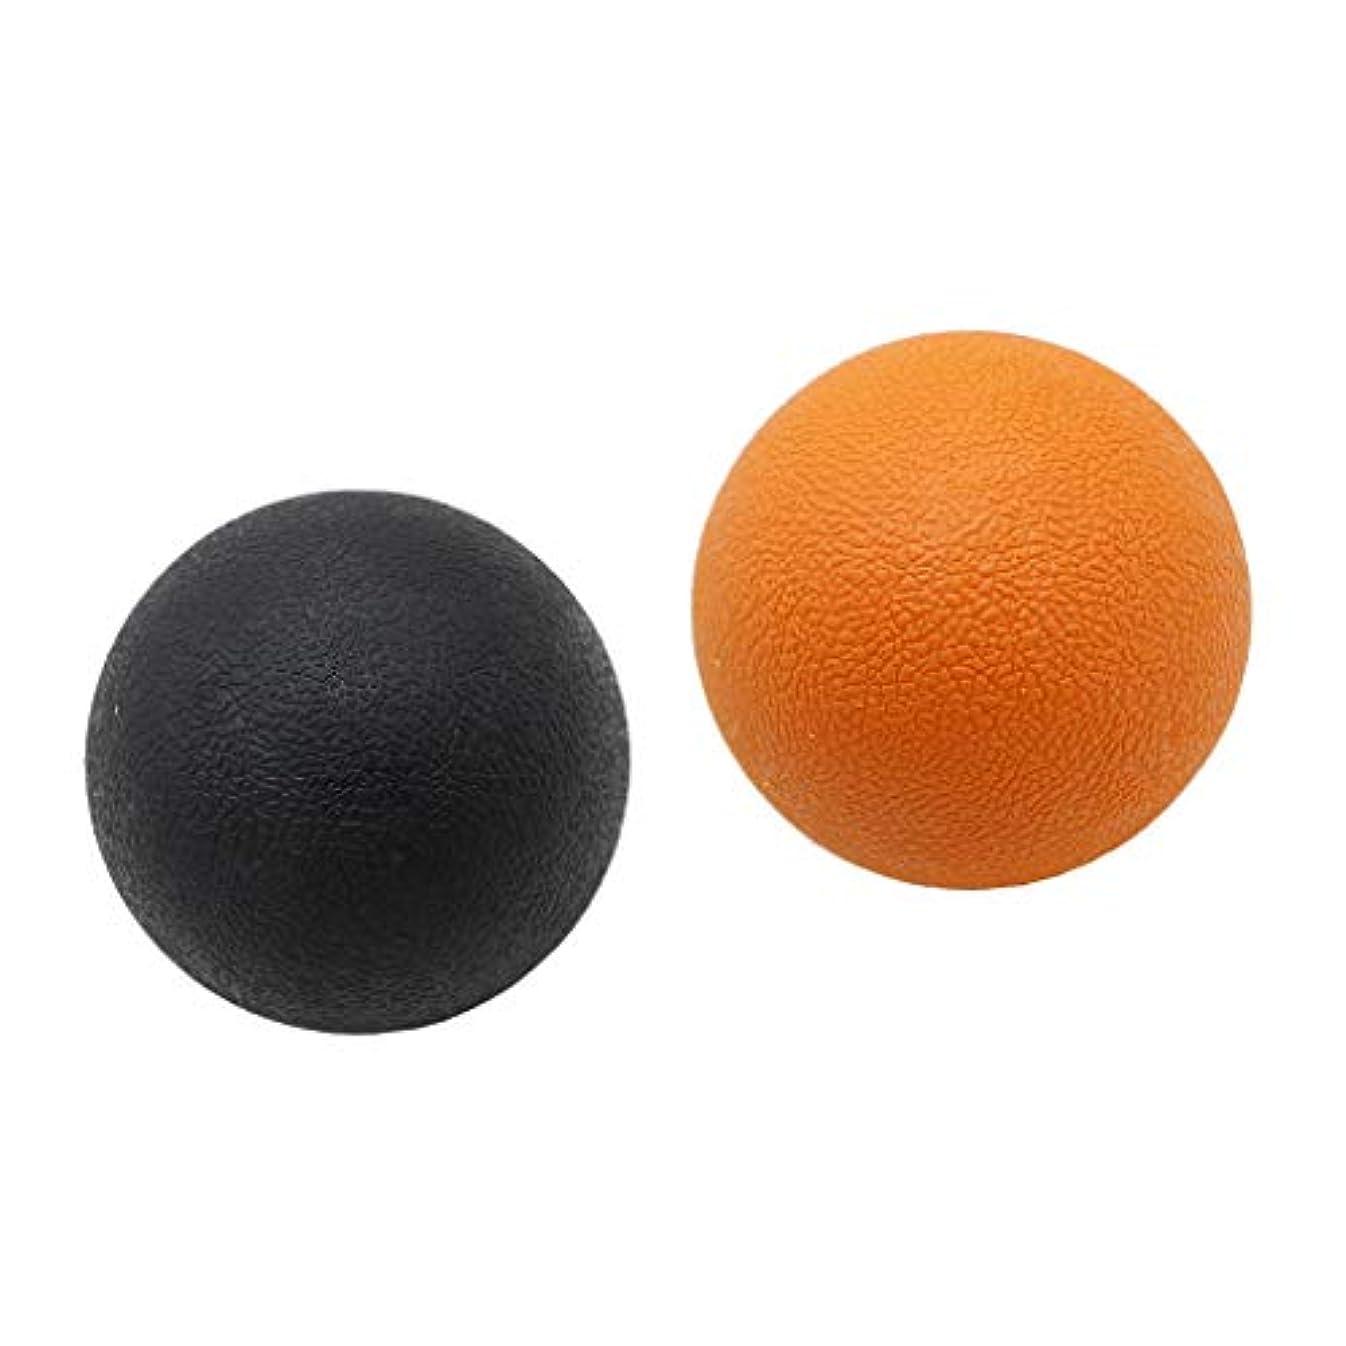 スプリットクレタ著者マッサージボール トリガーポイント ストレッチボール トレーニング 背中 肩 腰 マッサージ 多色選べる - オレンジブラック